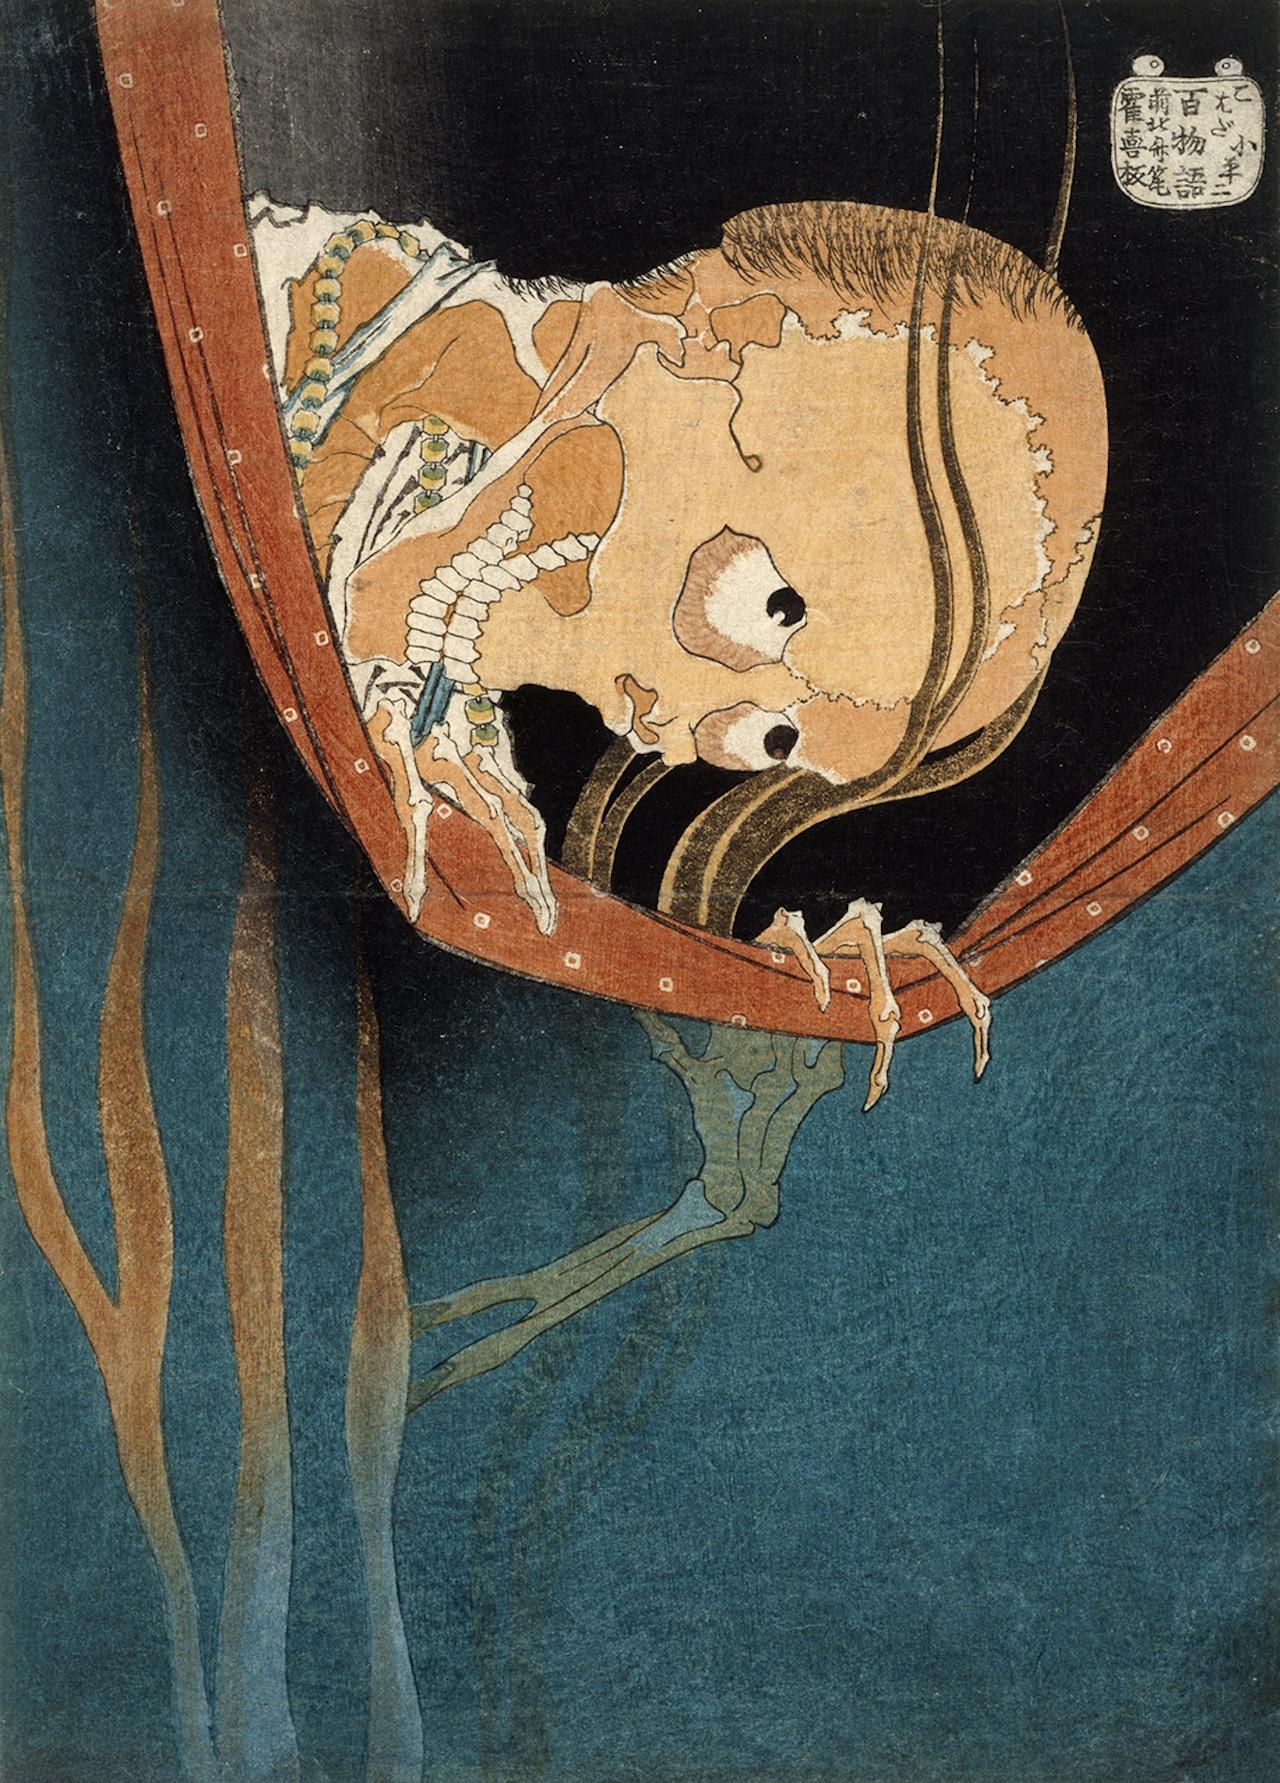 Katsushika Hokusai. Kohada Koheiji, from the series One Hundred Stories (Hyaku monogatari), c. 1831. The Art Institute of Chicago. Clarence Buckingham Collection.